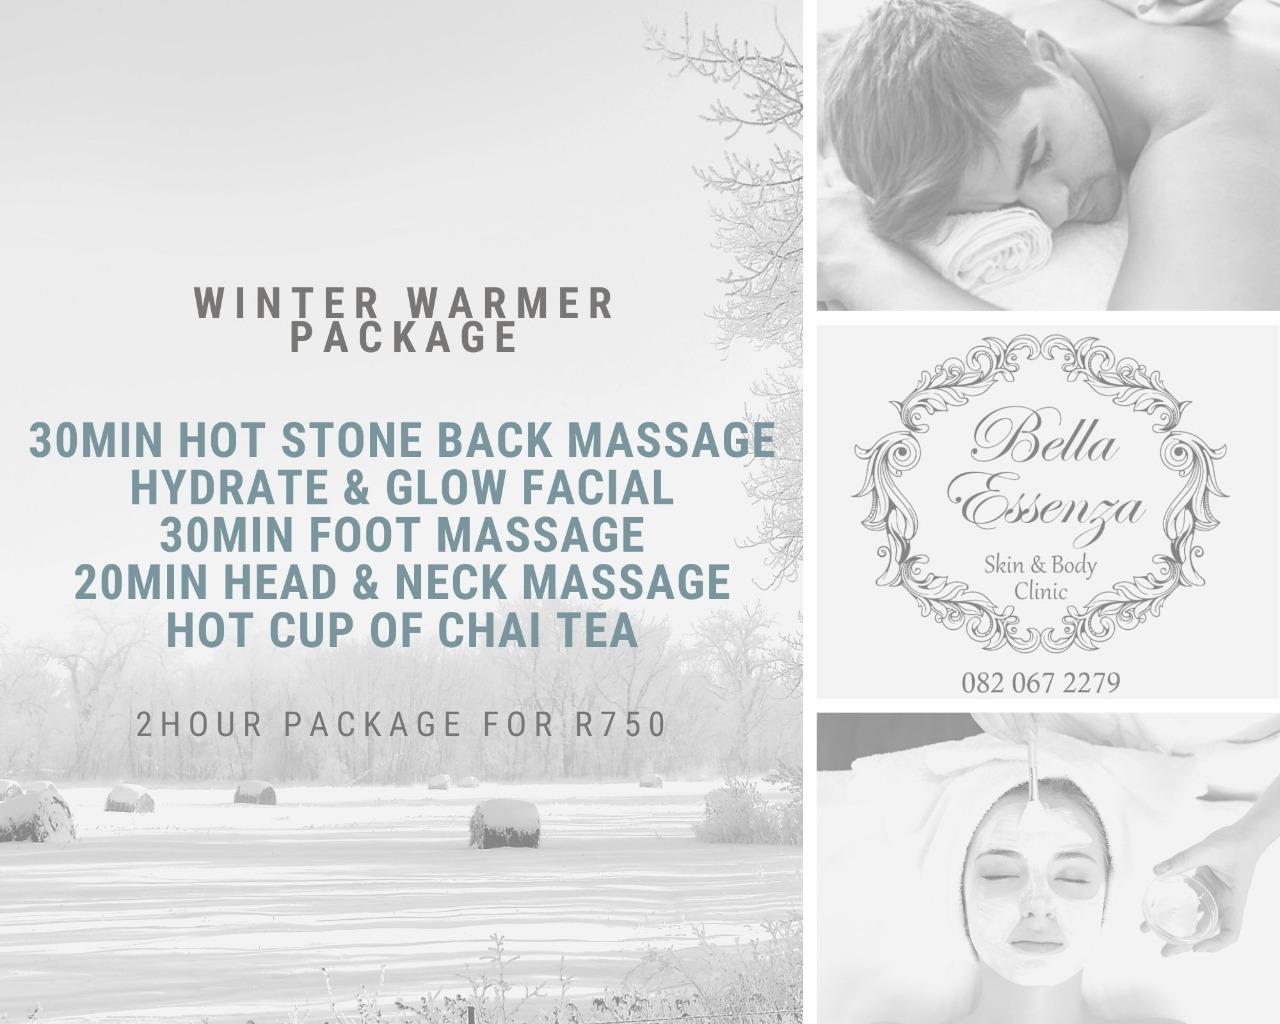 Winter Warmer Package 2021